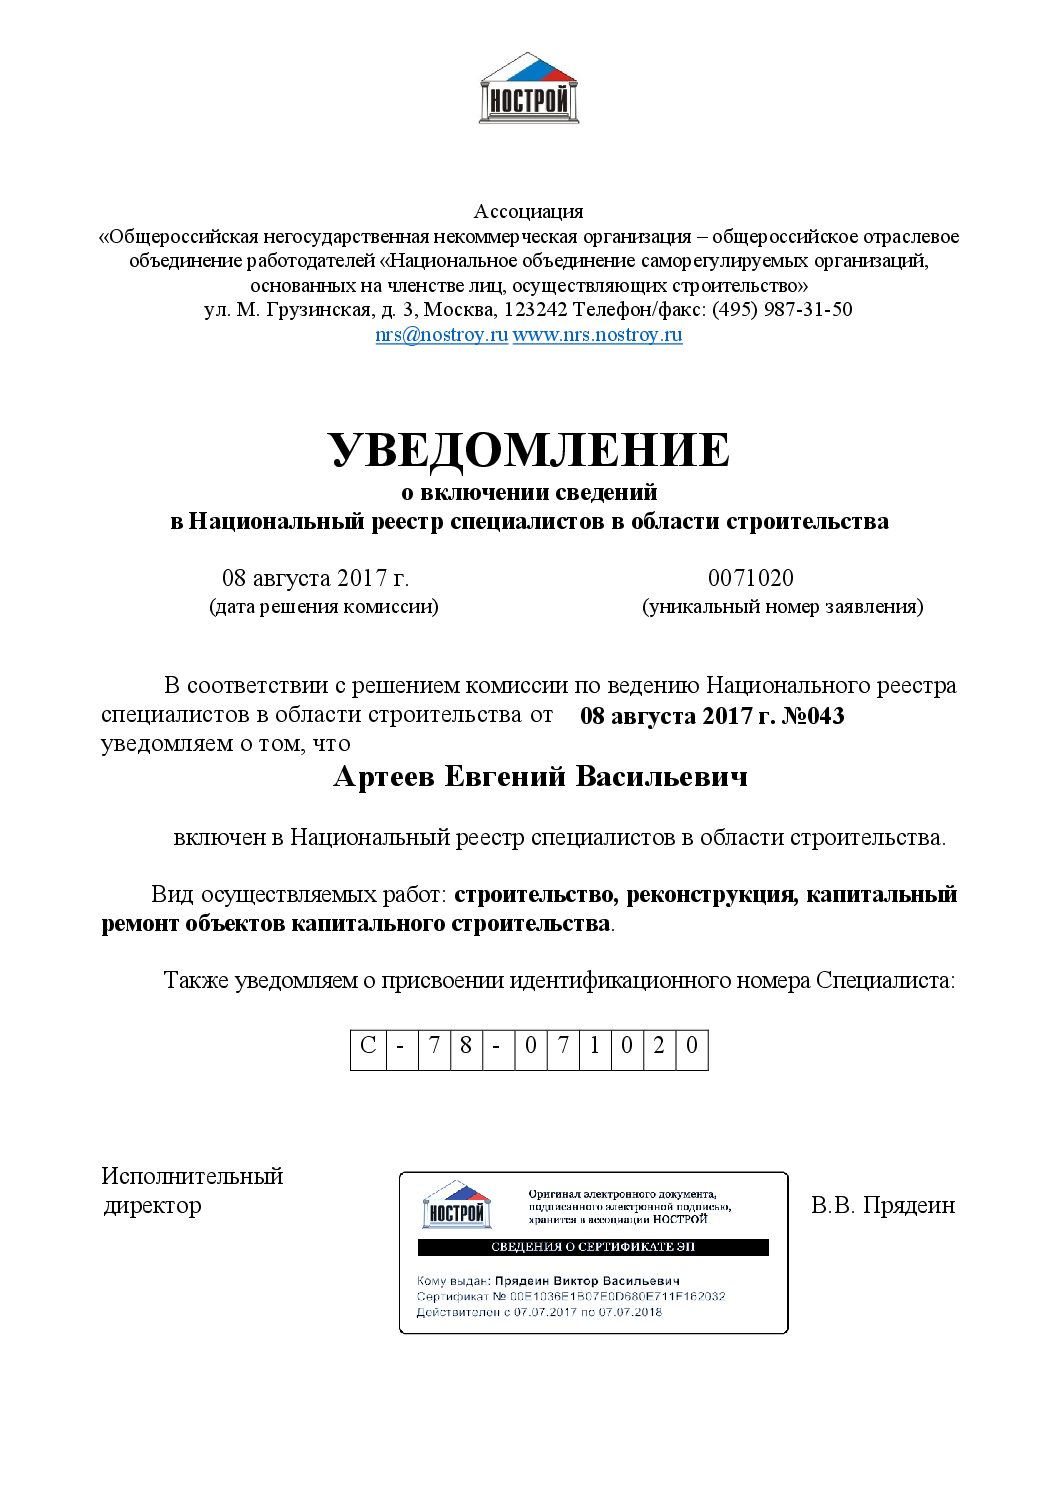 Национальный реестр Артеев Е.В.